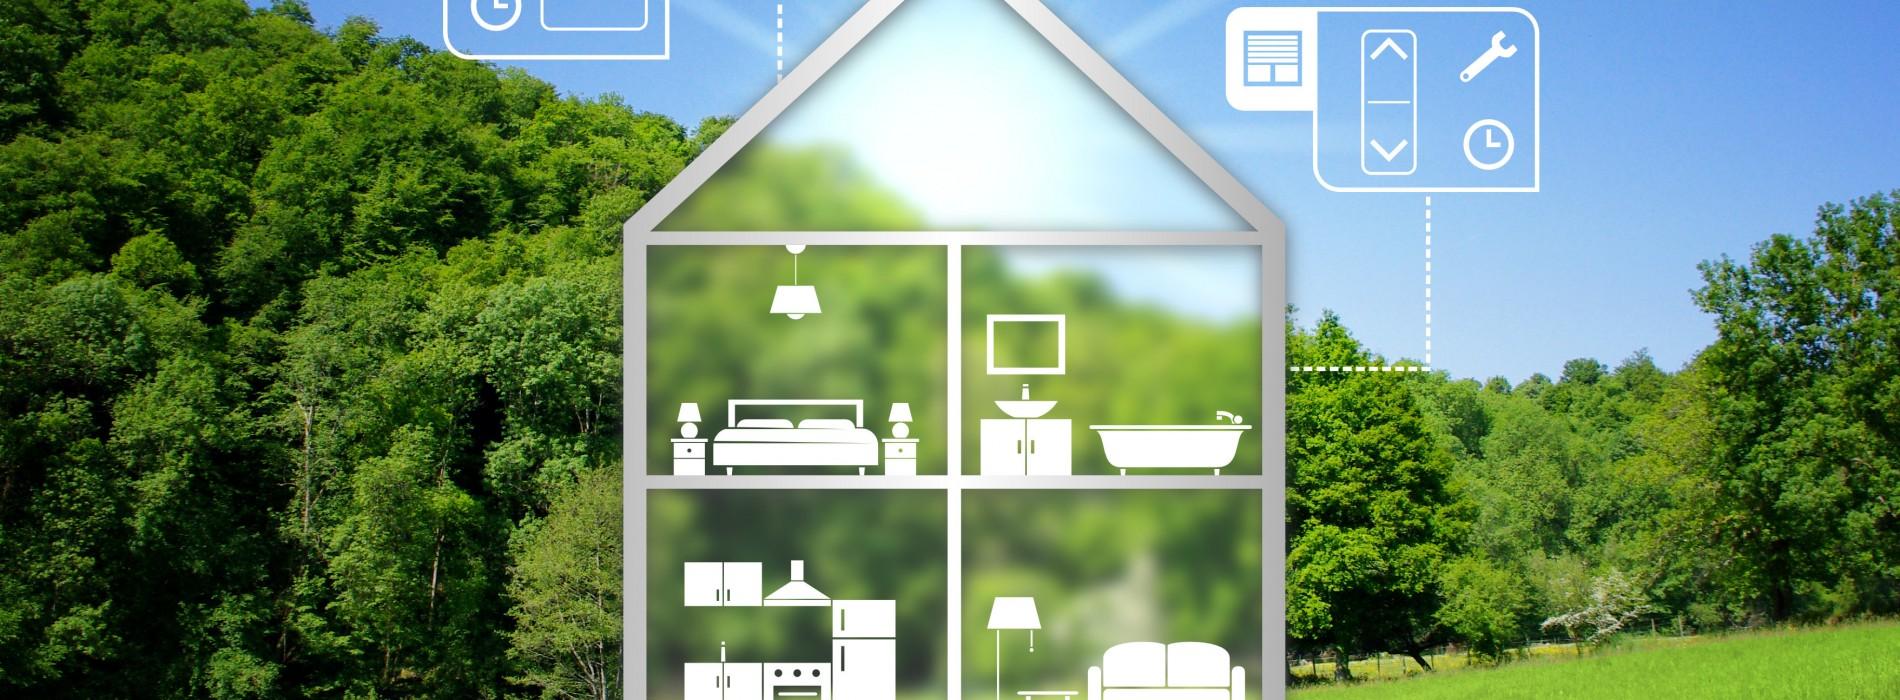 Inteligentne domy – nowy wymiar budownictwa